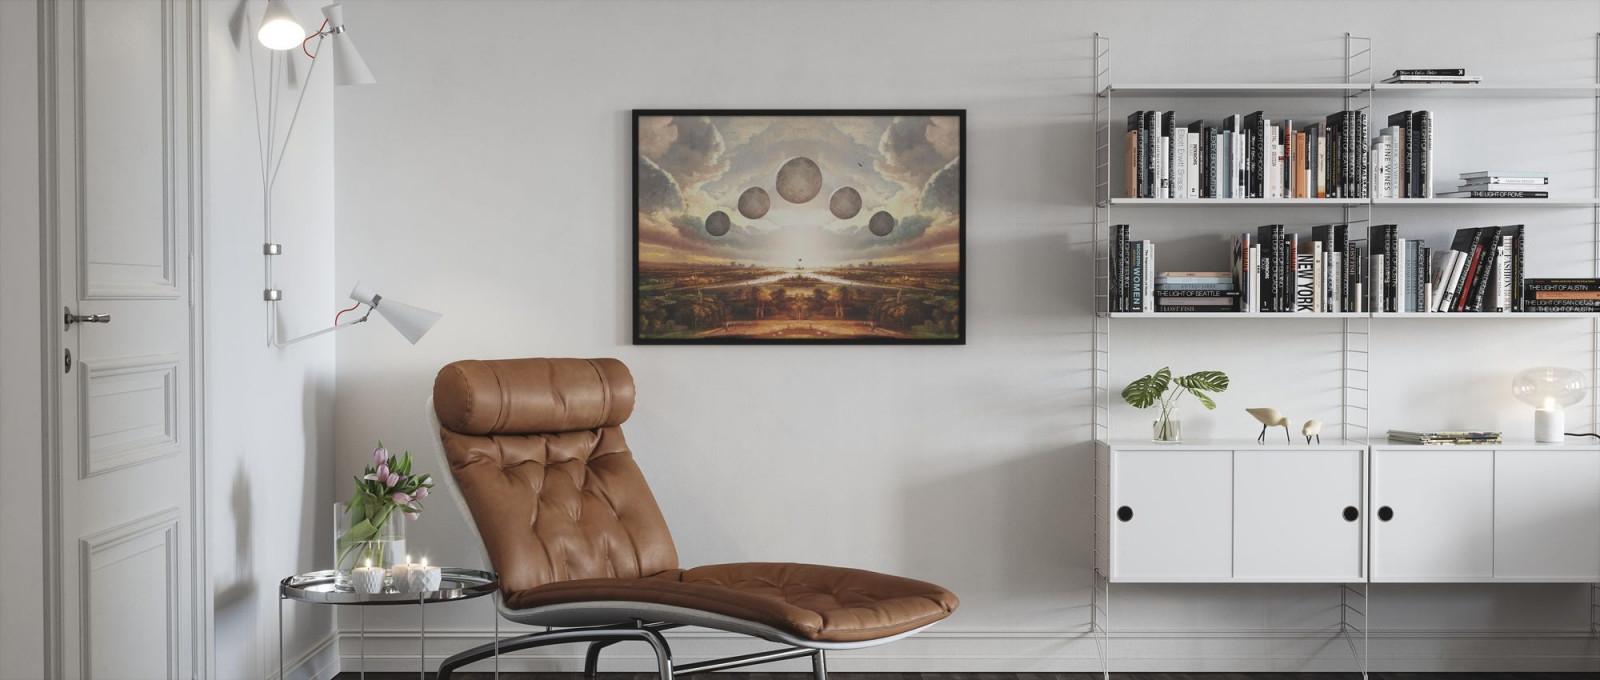 Gerahmte Bilder Für Wohnzimmer Und Andere Räume – Tipps Rund von Gerahmte Bilder Für Wohnzimmer Bild